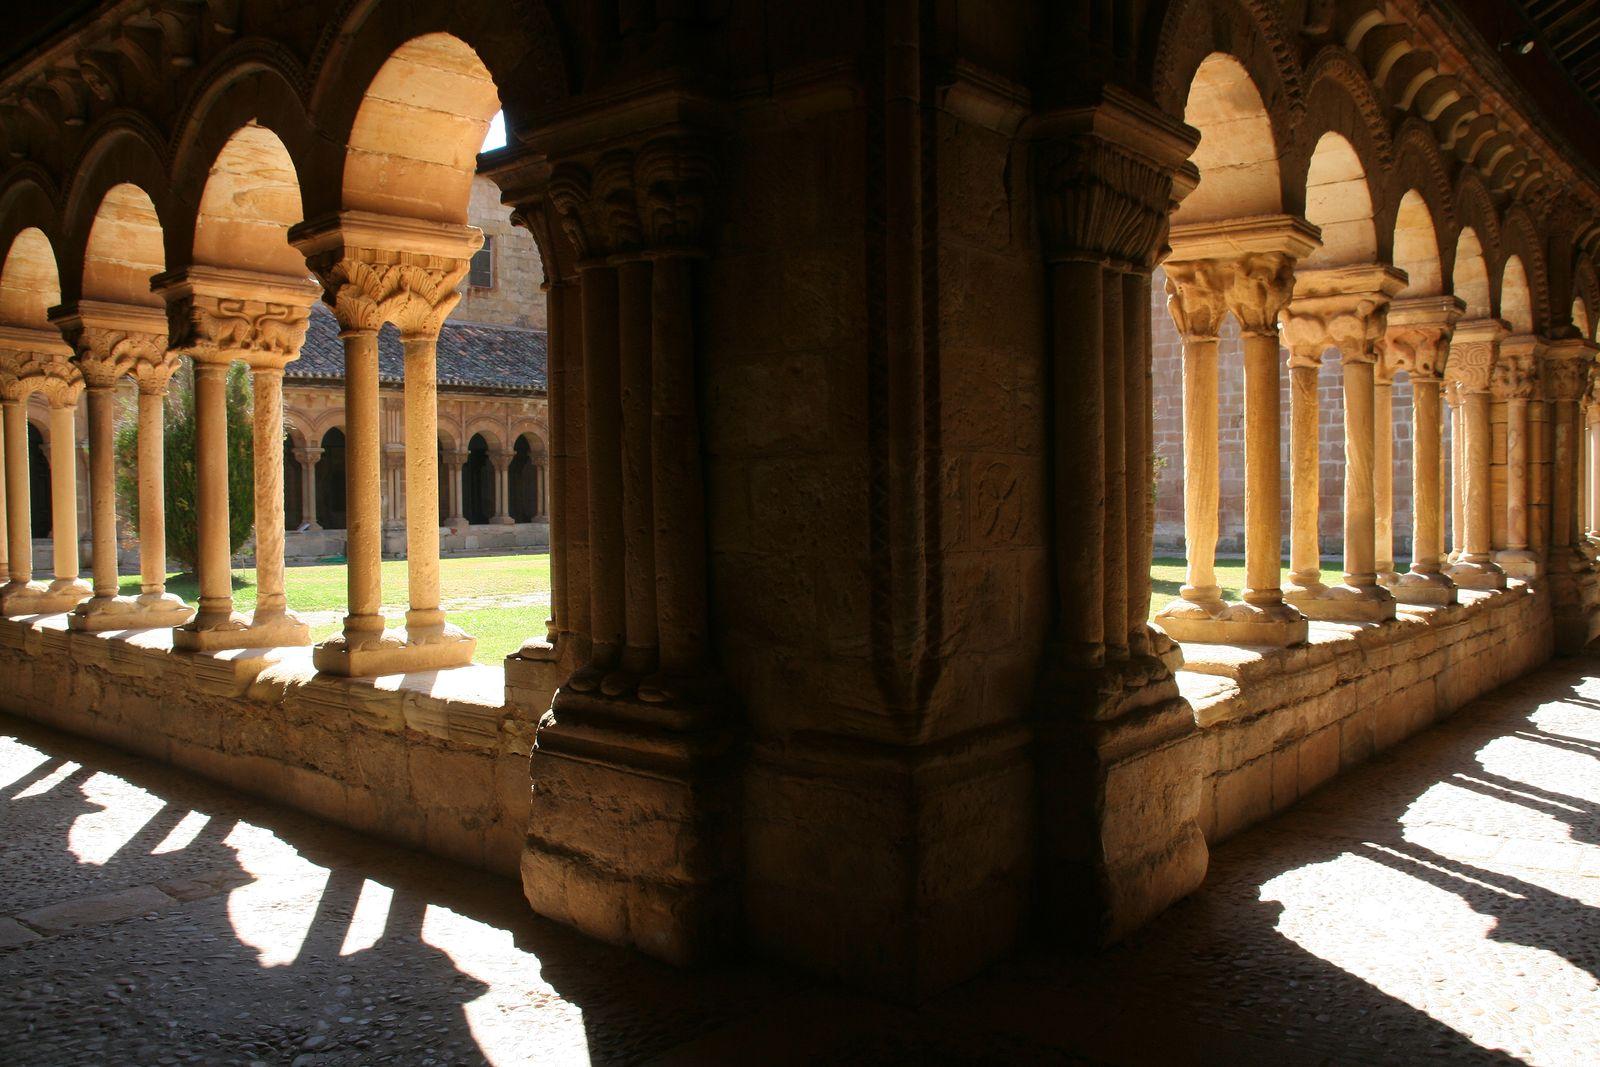 Claustro de la Concatedral de Soria (Castilla-León)